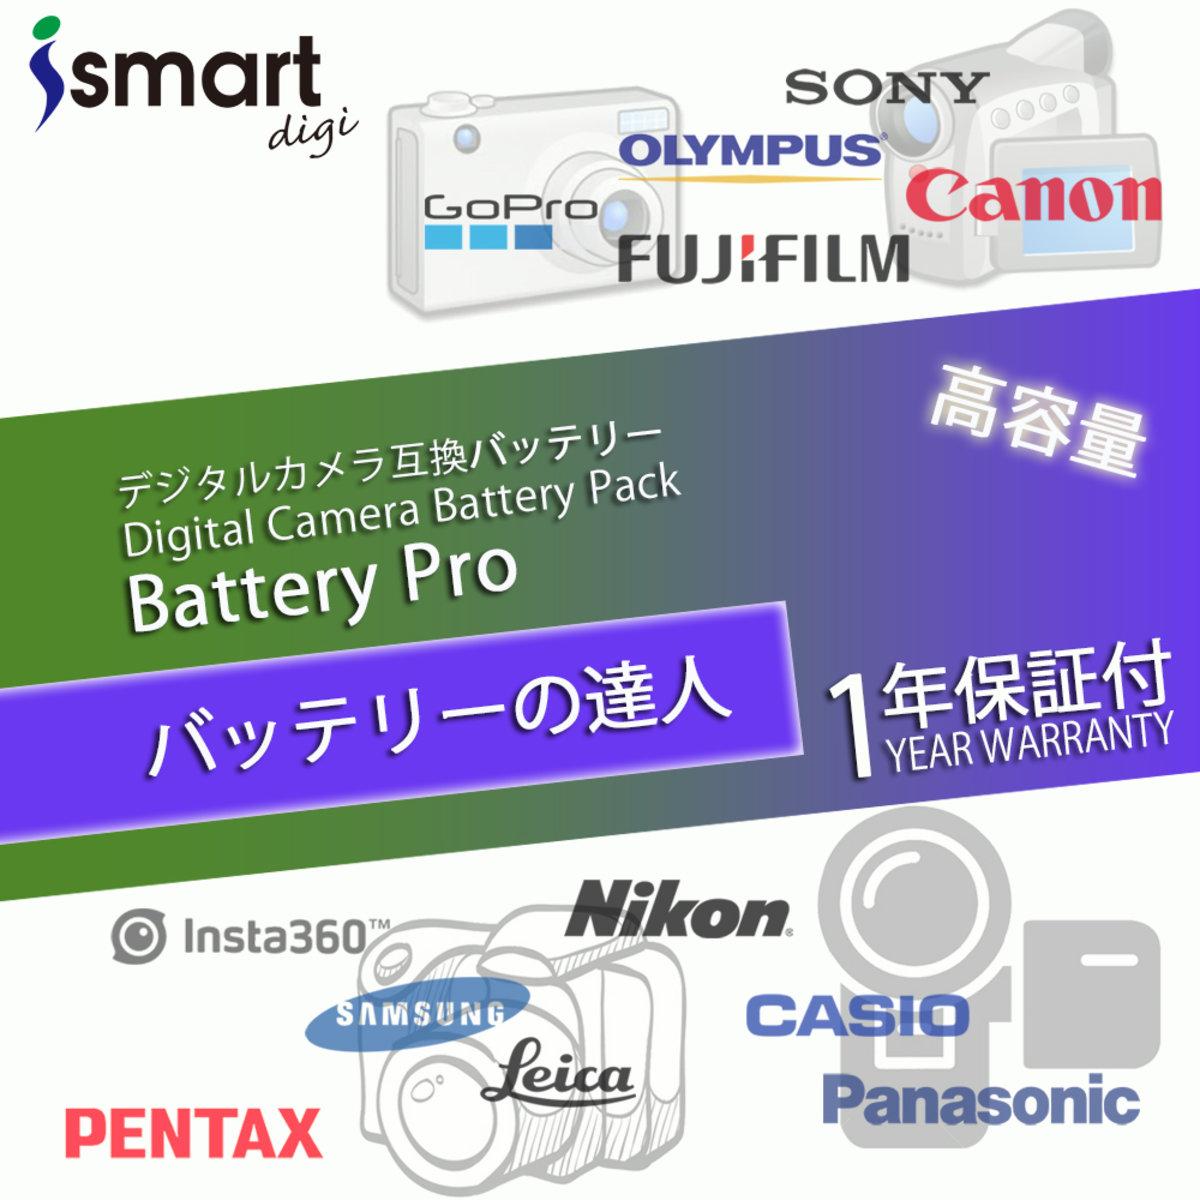 三星數碼相機電池(適合:NX100, NX10, NX5,NX11)